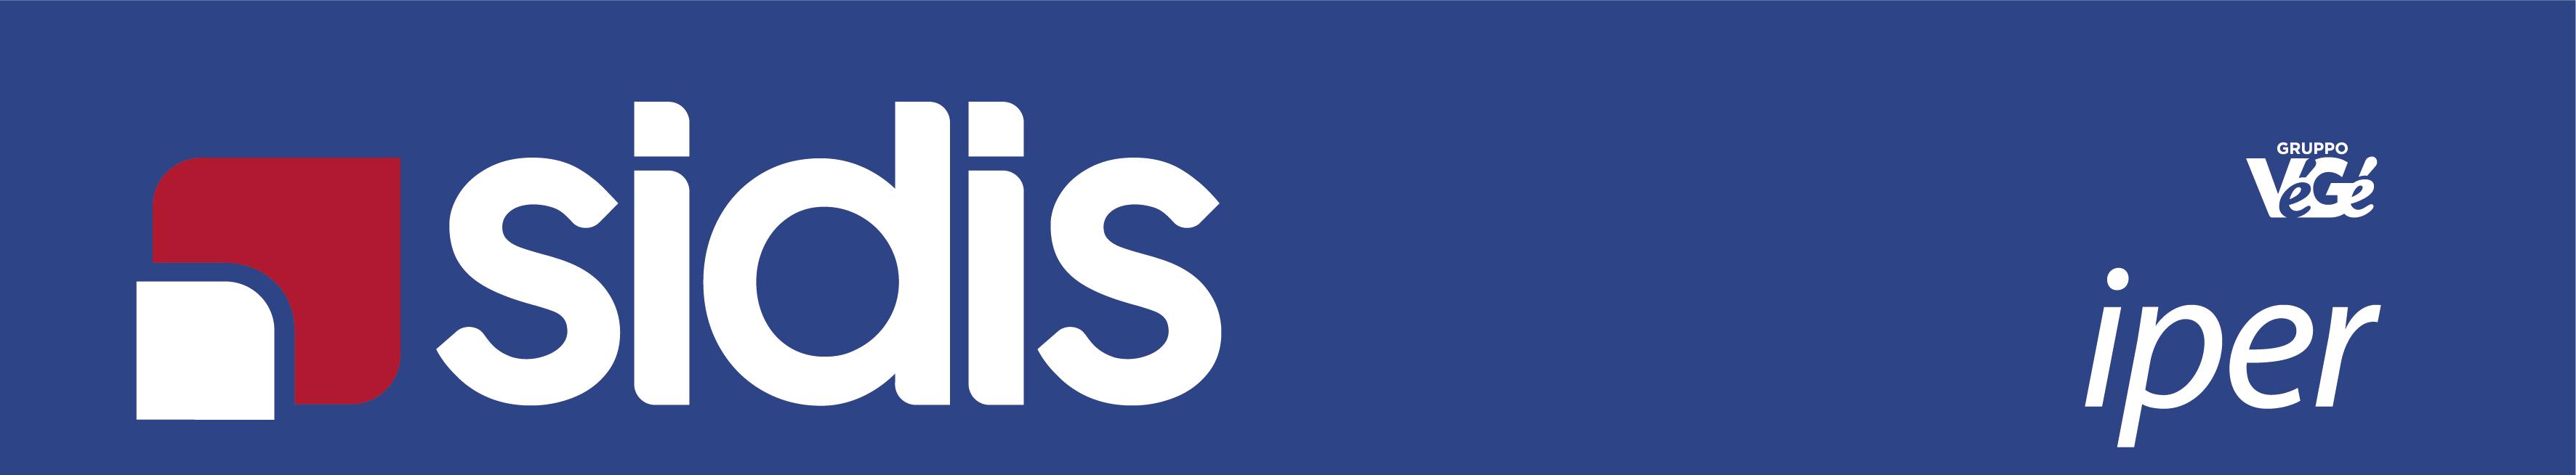 Logo Sidis iper GDO (Grande Distribuzione Organizzata)